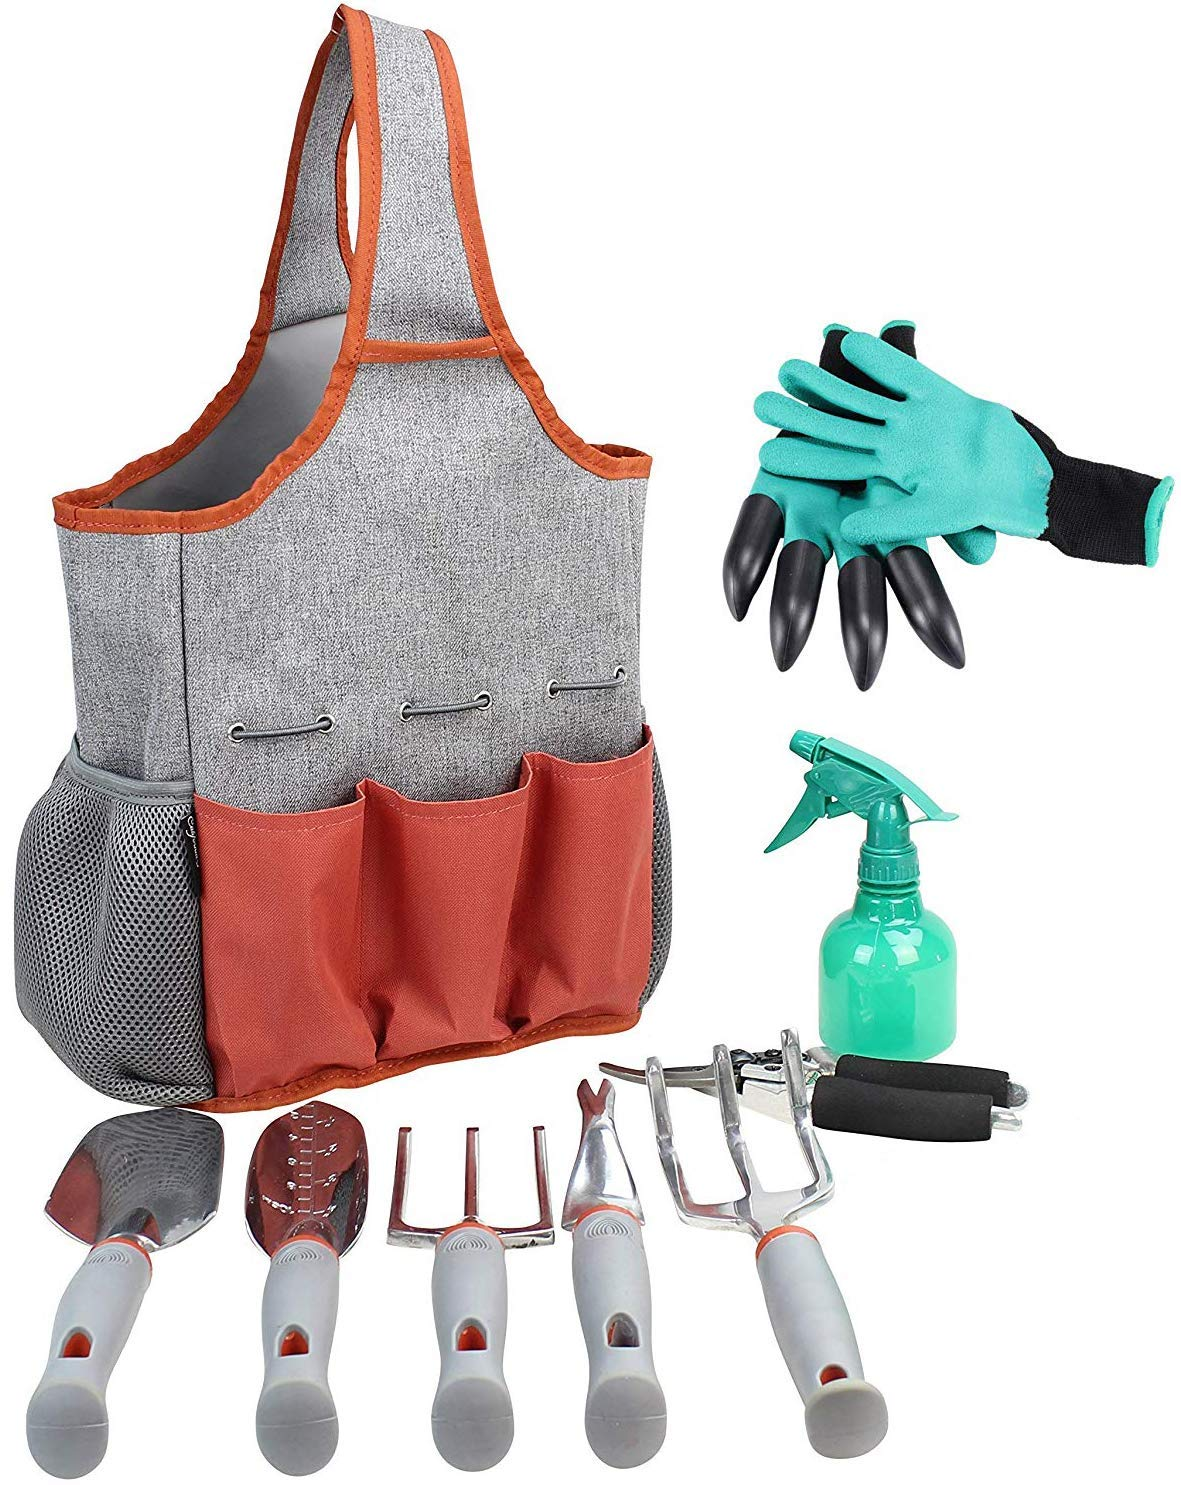 Gardening Tools Set | Garden Tools Kit | Gardening Gloves | 9 Piece Garden Tool Set | Digging Claw Gardening Gloves Gardening Gifts Tool Set | Planting Tools | Gardening Supplies Basket | Rake Gloves by CALIFORNIA PICNIC